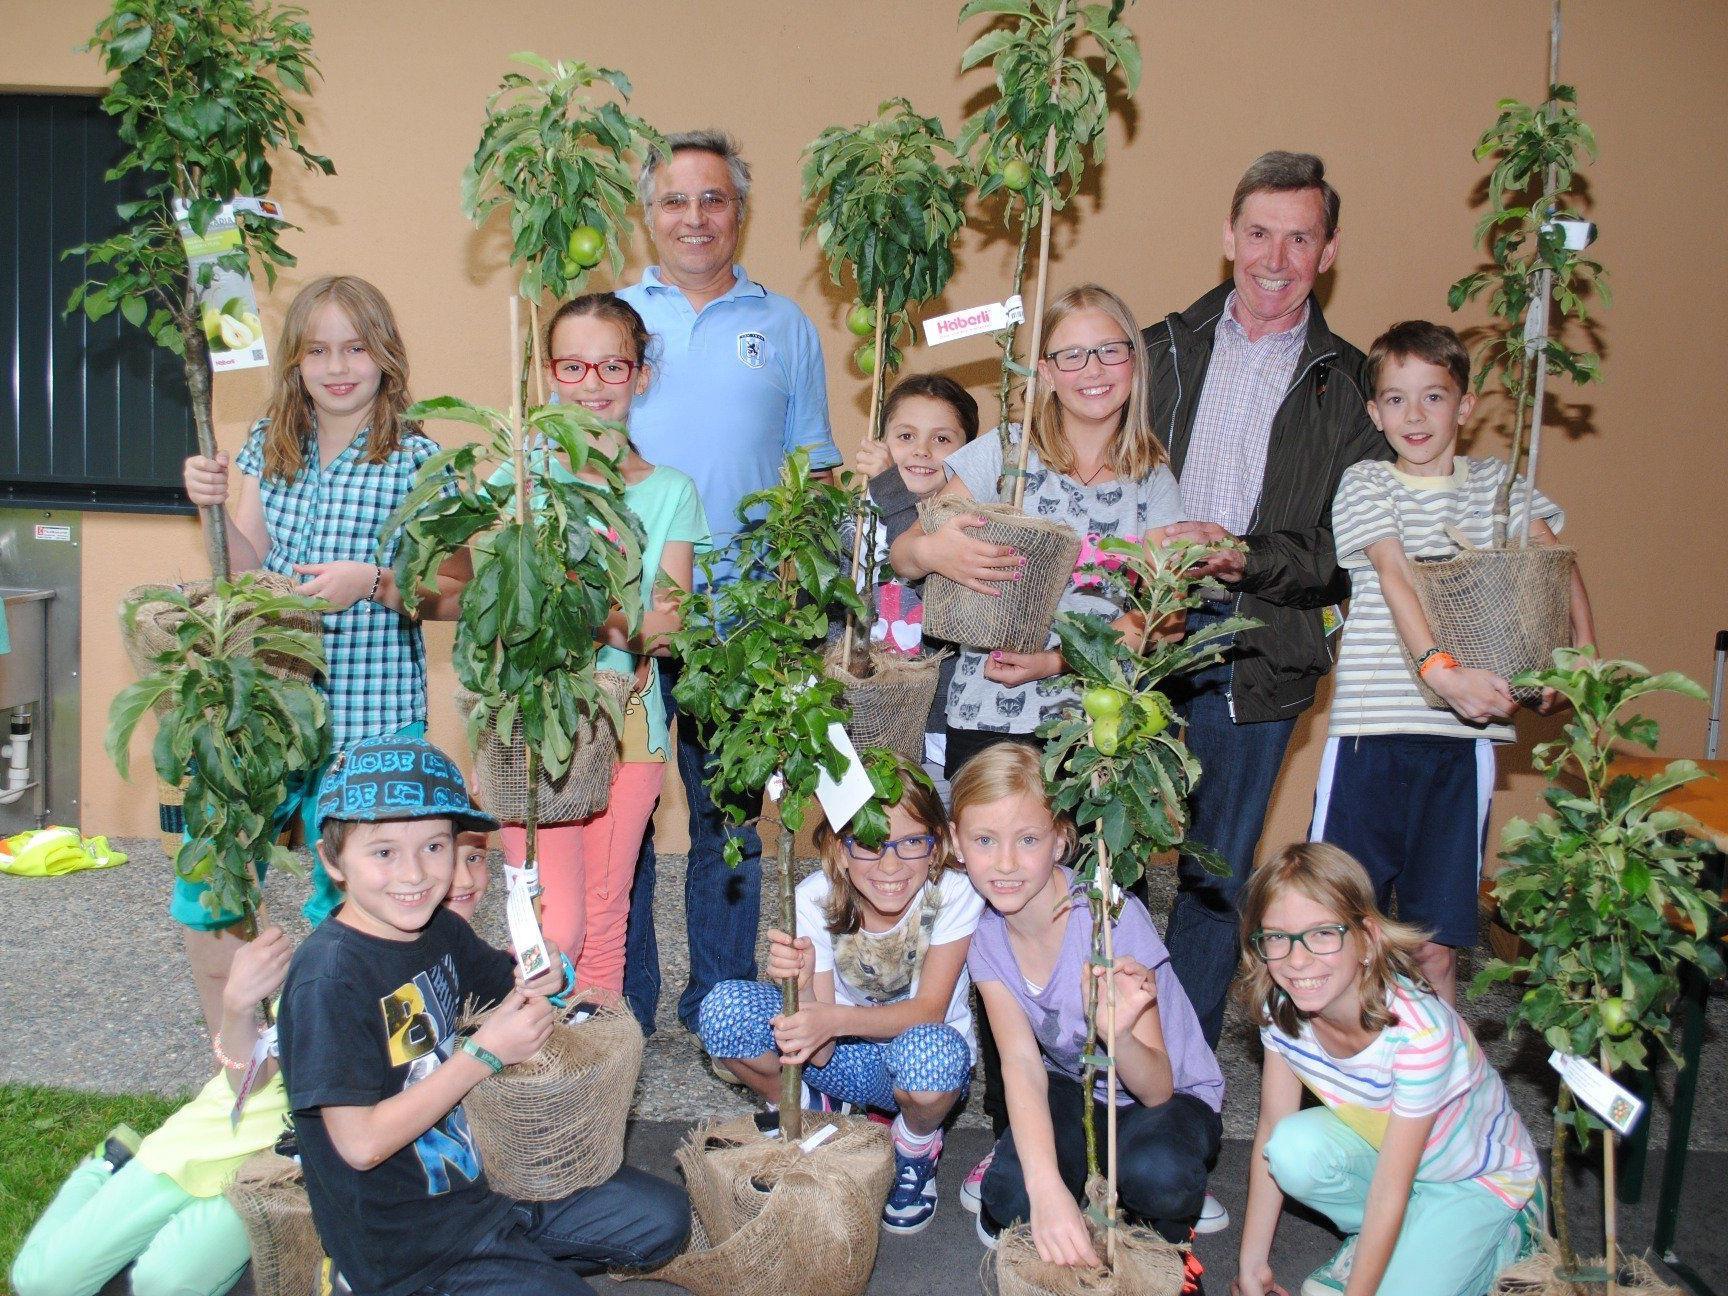 Stolz präsentierten die Kinder ihre Obstbäume